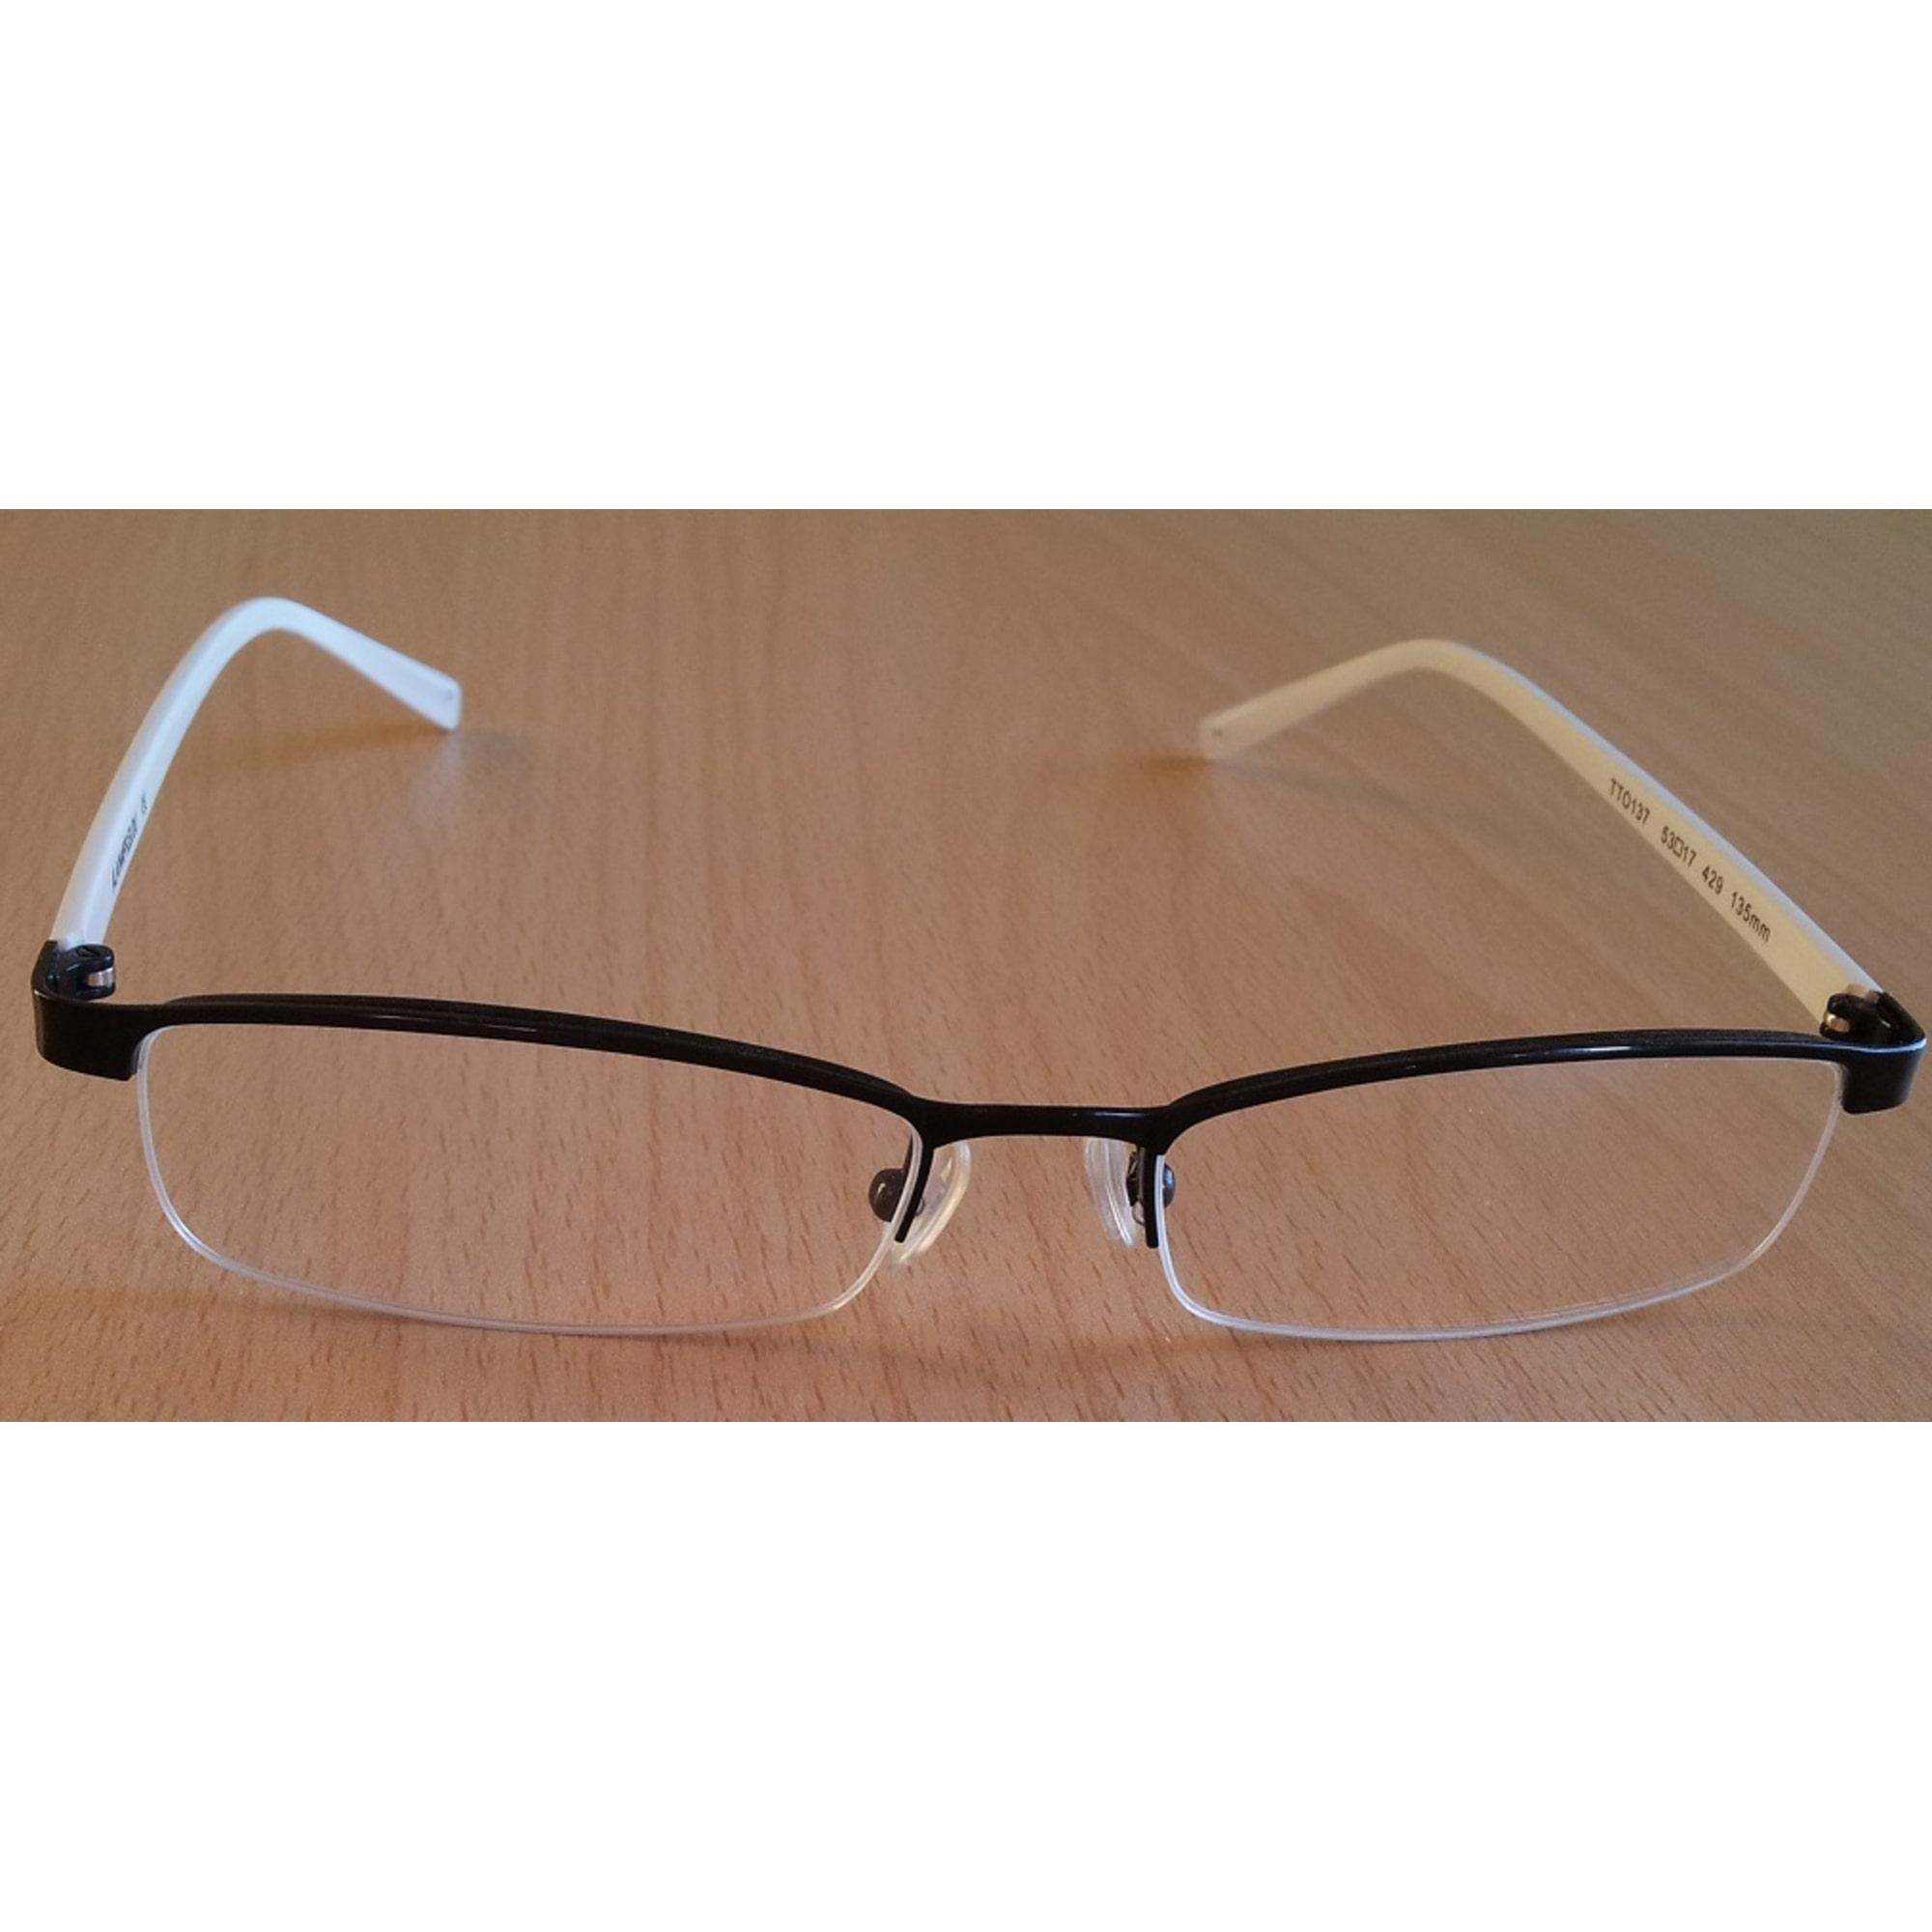 Monture de lunettes ALAIN AFFLELOU multicouleur - 3206909 9ddf4ab45f0c